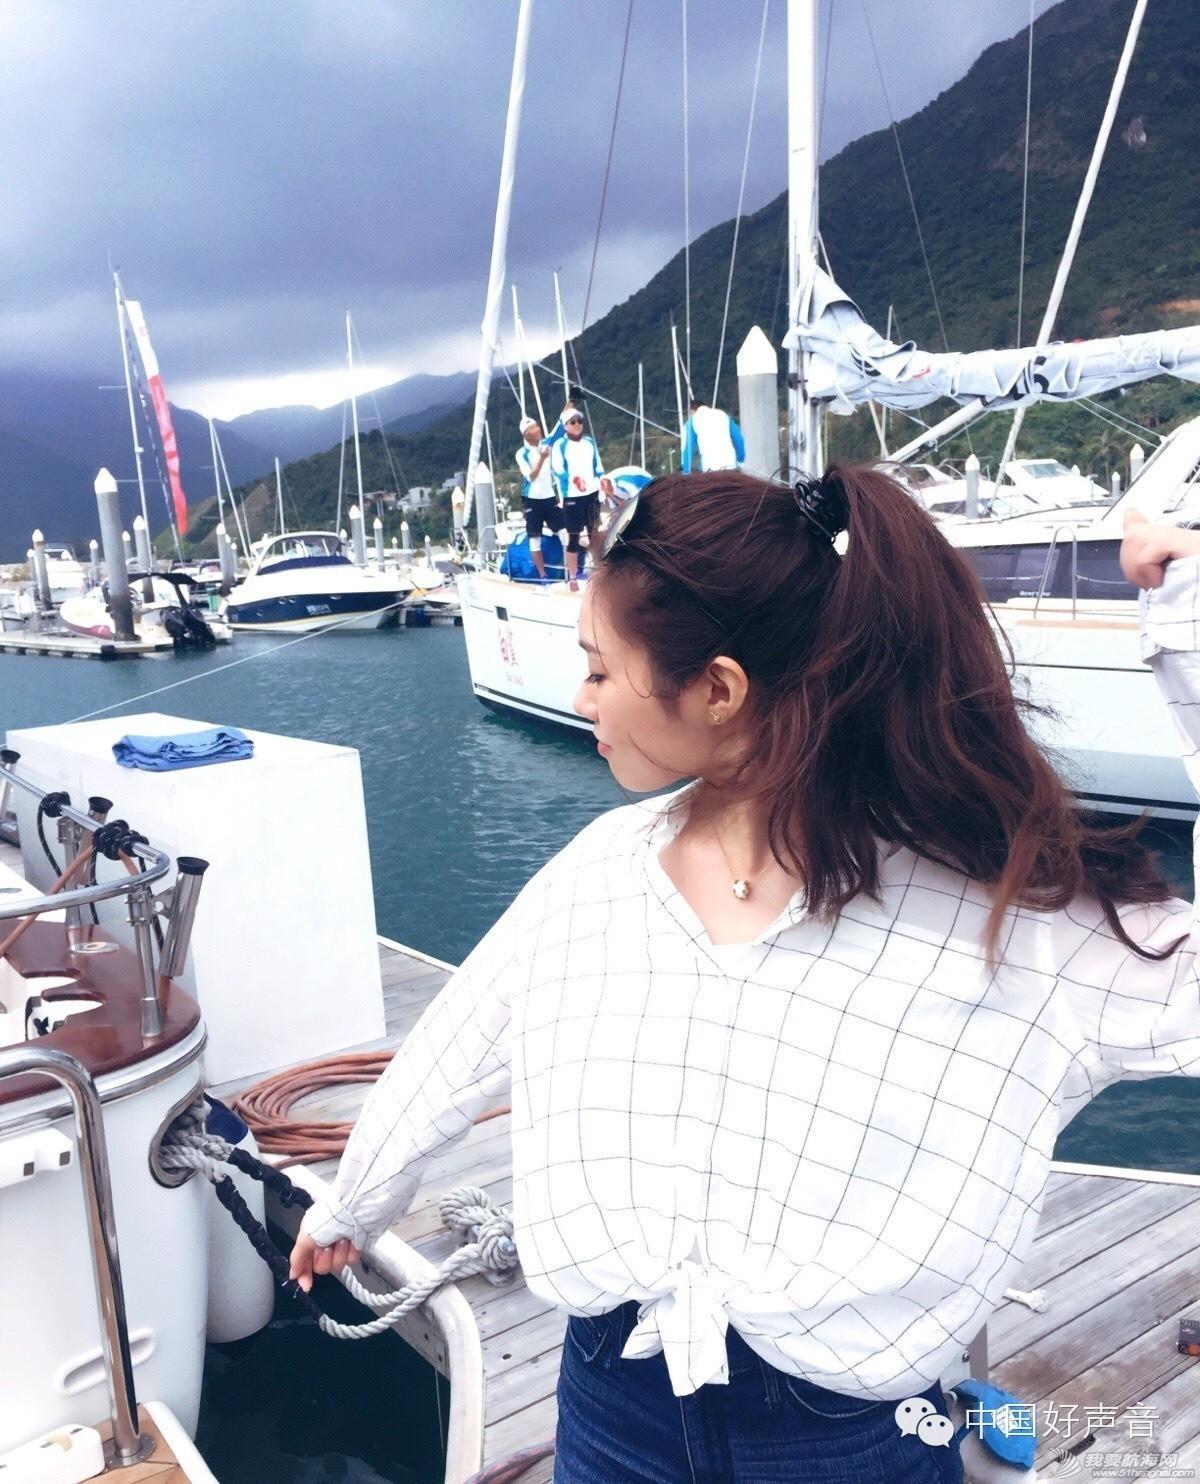 赵大格唱响中国杯帆船赛录新歌上真人秀挑战自我 f4b0a8b806e4923f8a99d1be0a5e2a5e.jpg